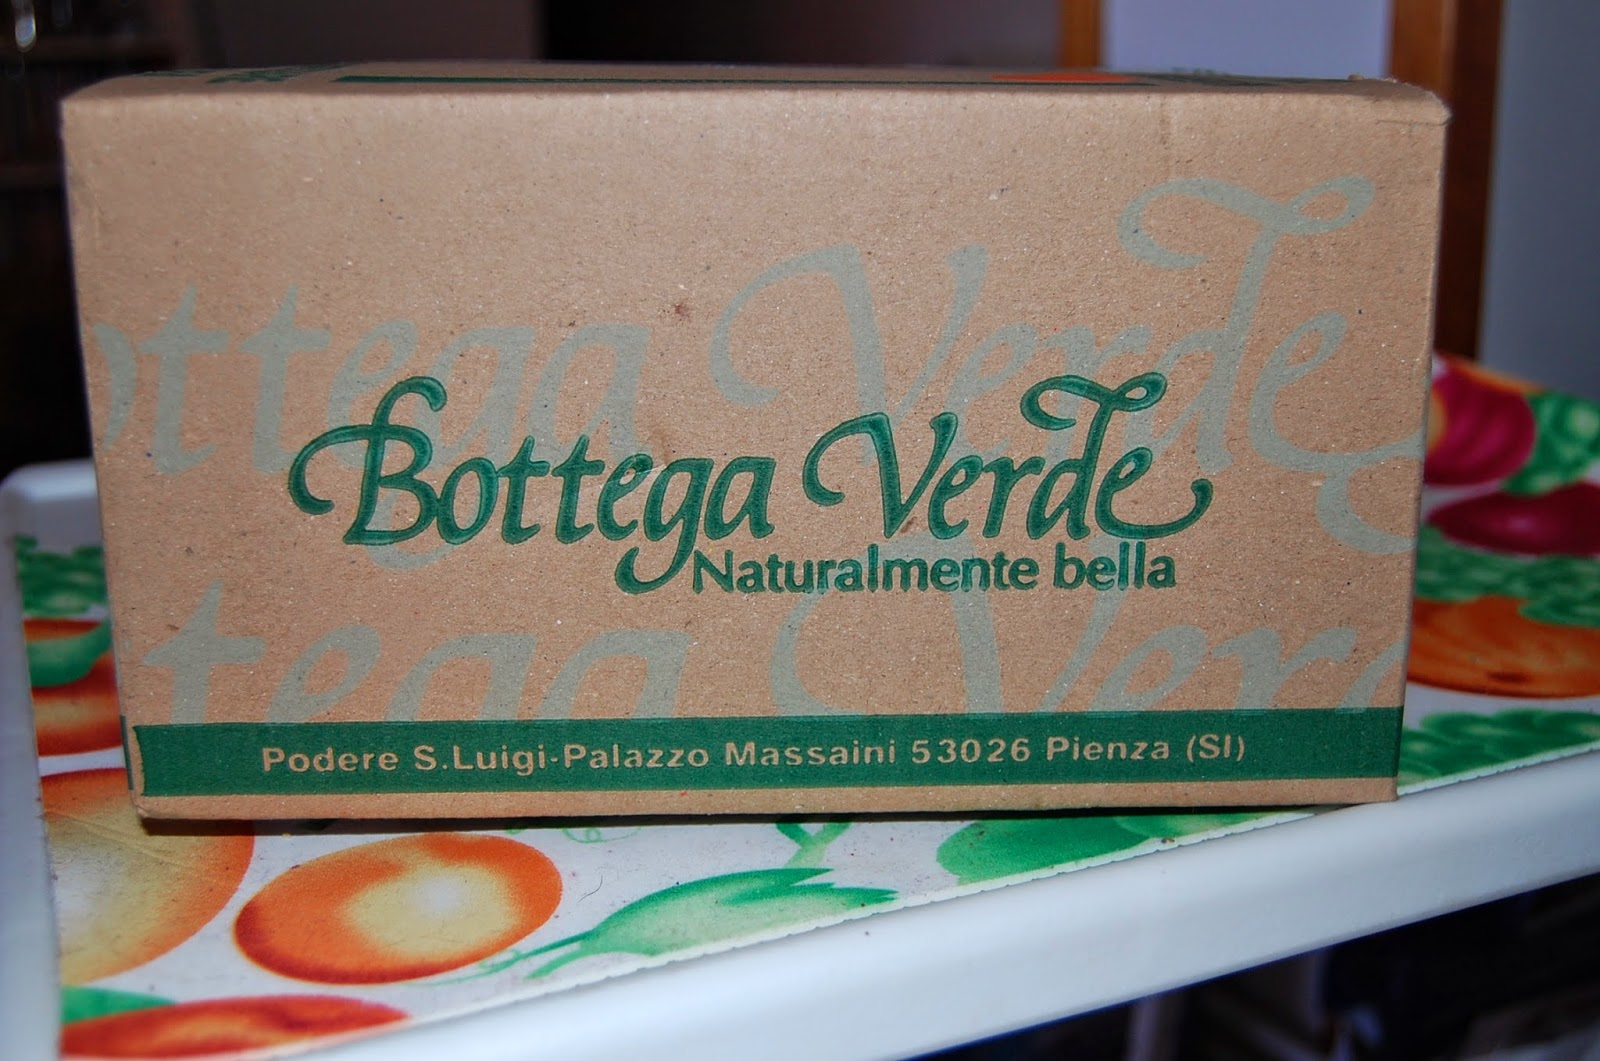 Gel De Baño Bottega Verde:críticas de los productos de esta marca finalmente hace unos días de